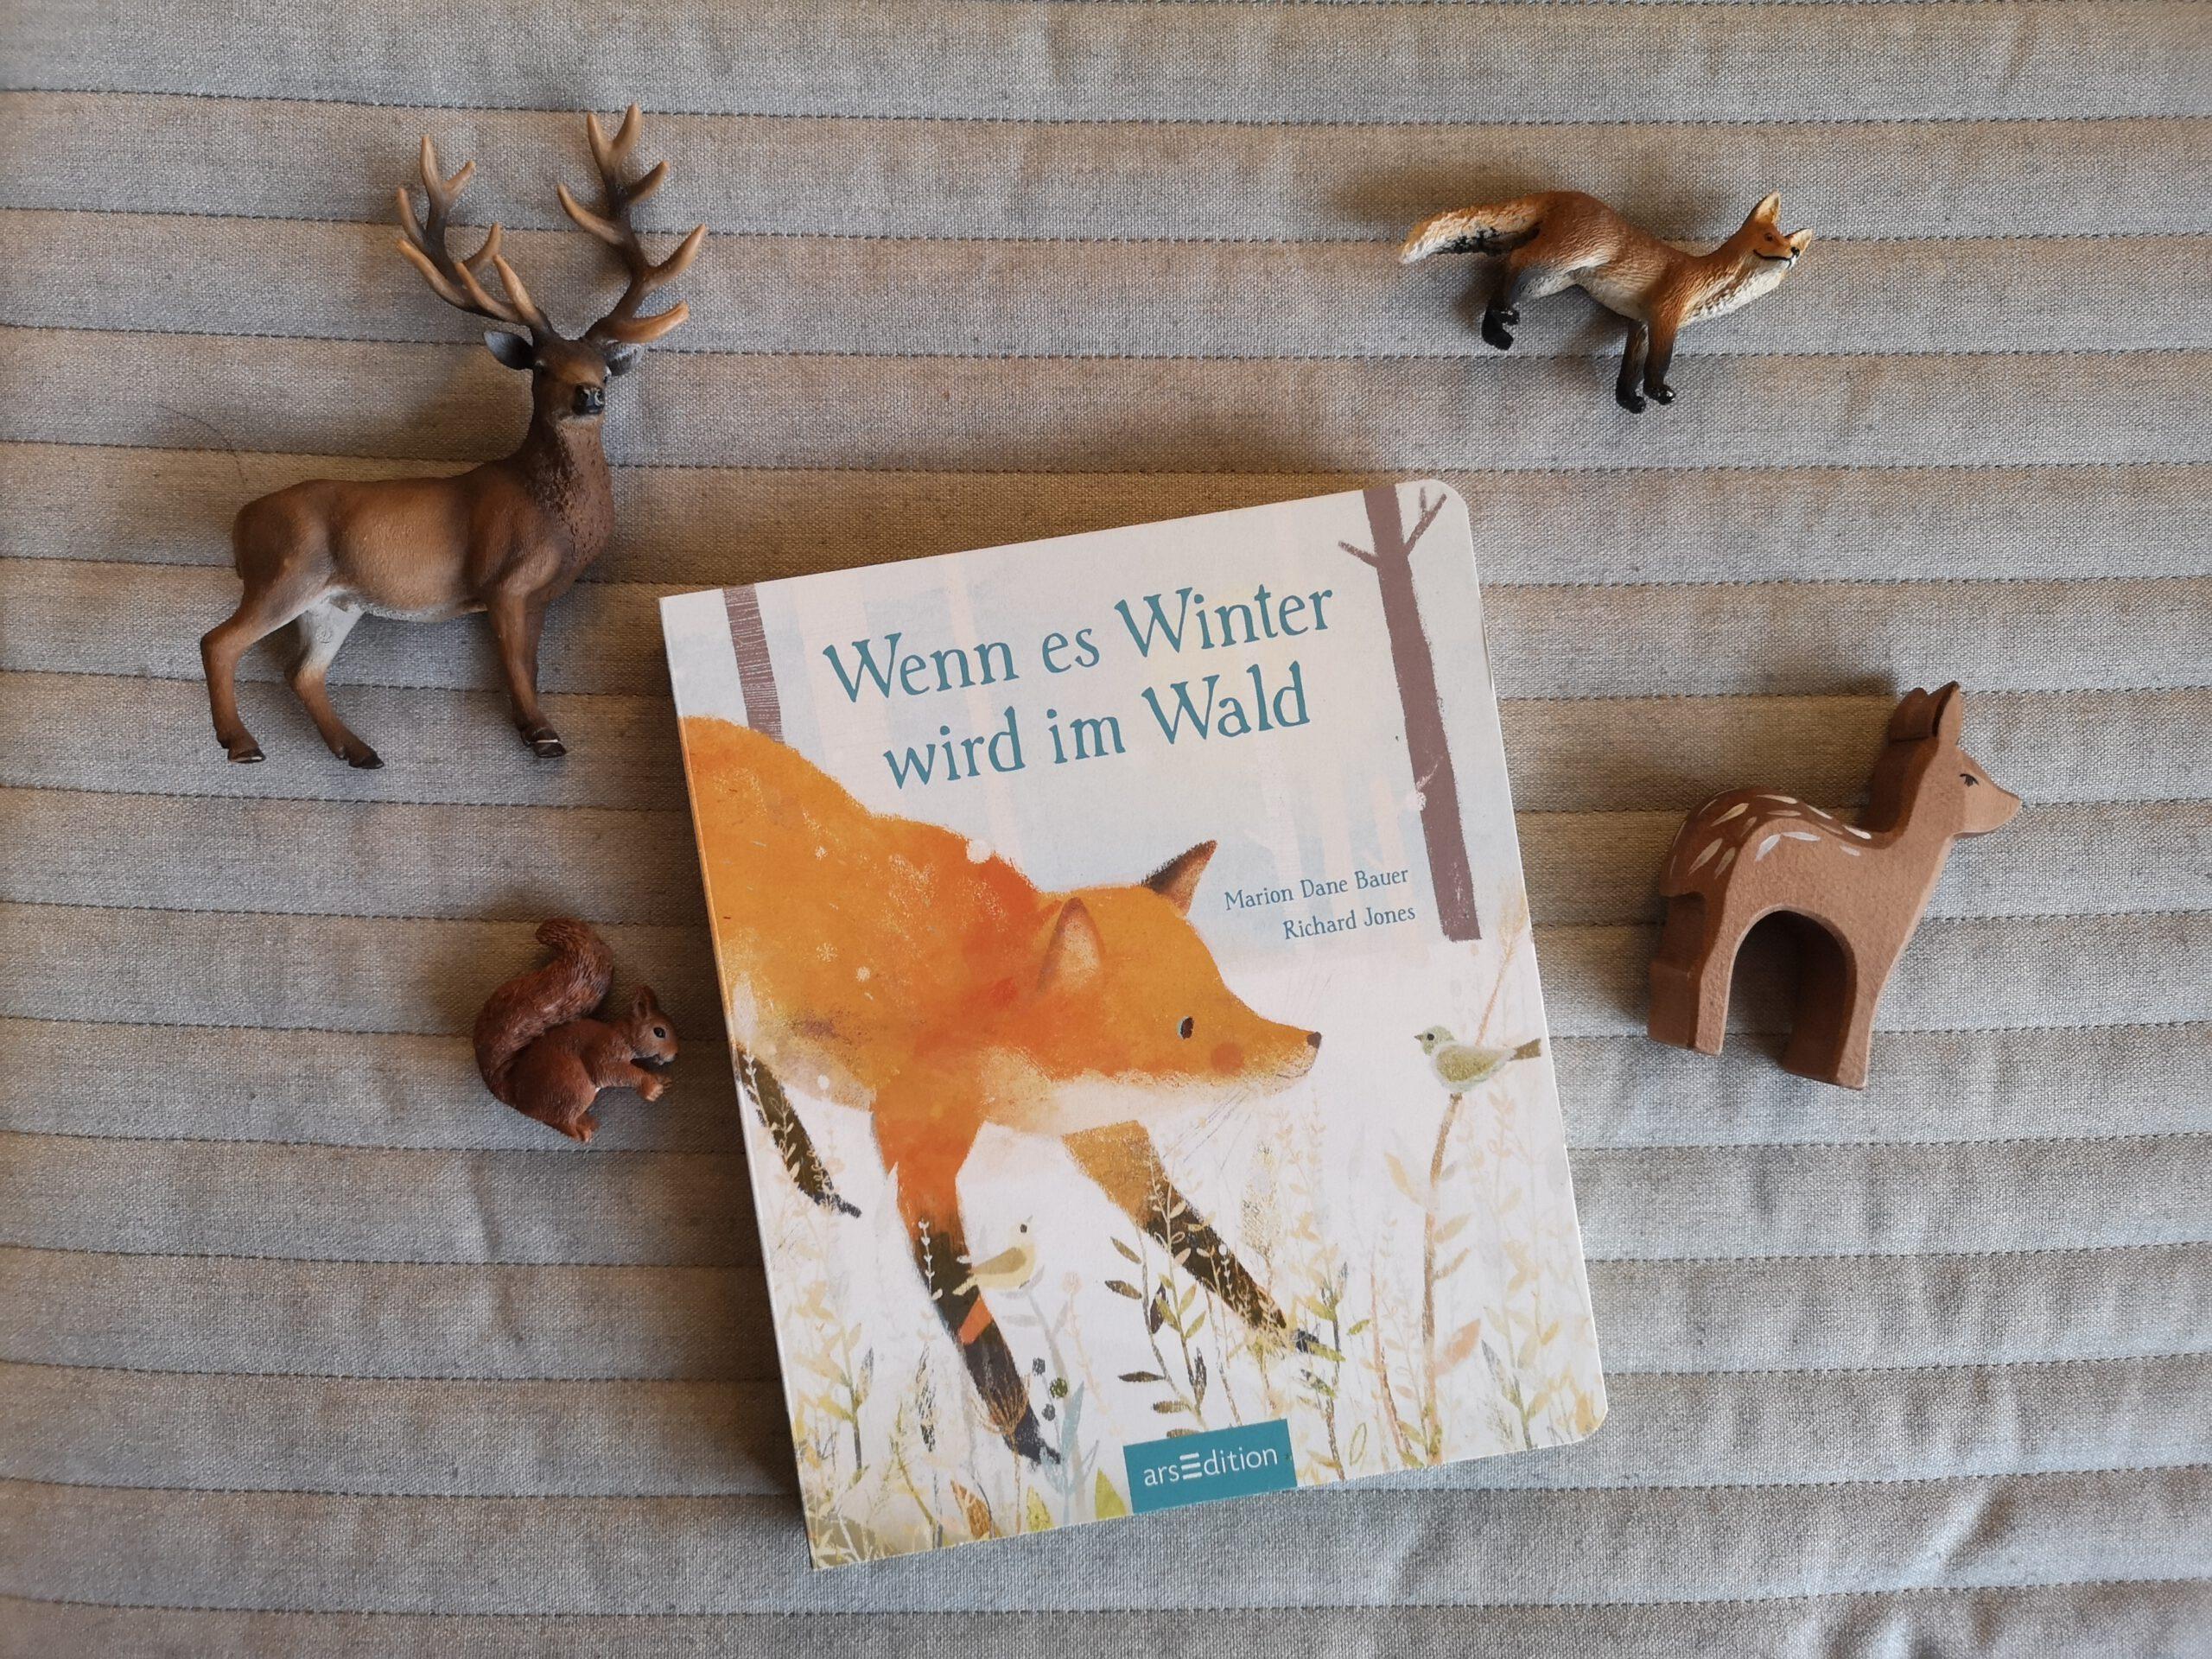 Wenn es Winter wird im Wald  – Marion Dane Bauer und Richard Jones